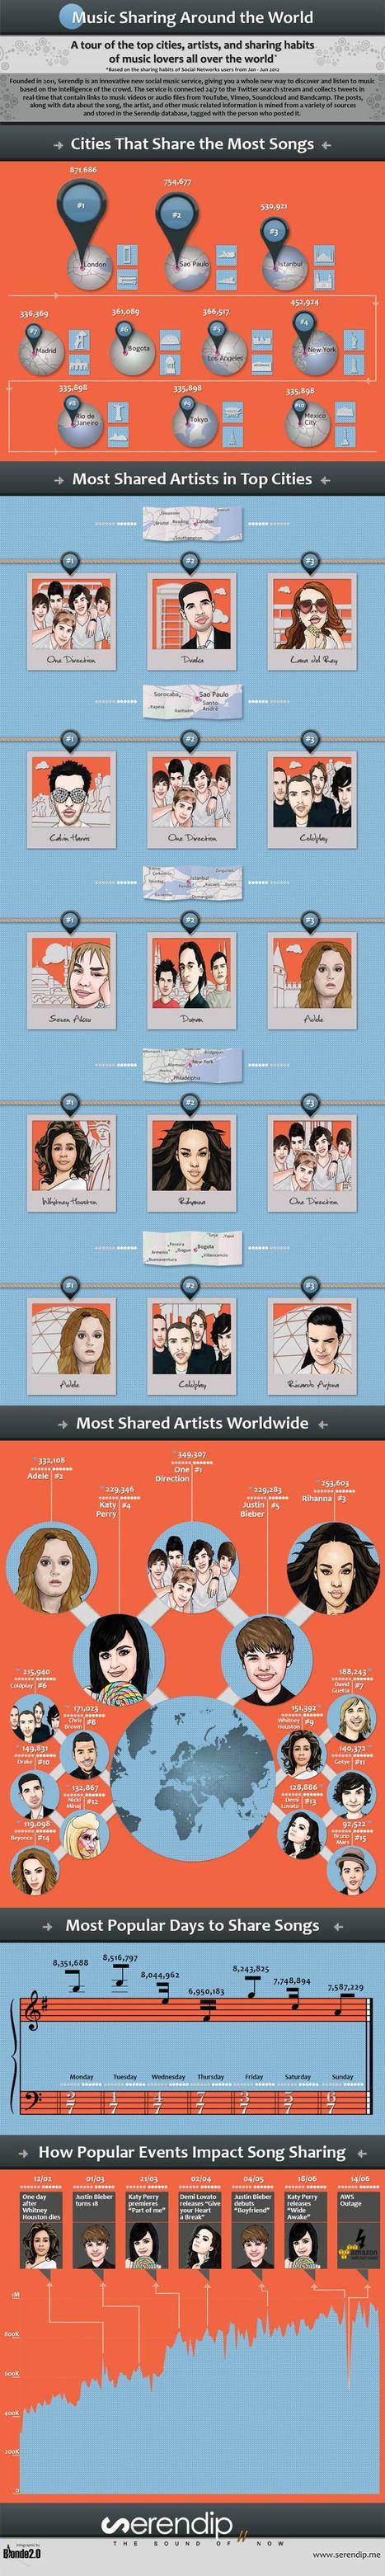 Infographie : musique et réseaux sociaux, les chiffres illustrés - Konbini - France | Tout ce qui est veille tout ça... | Scoop.it